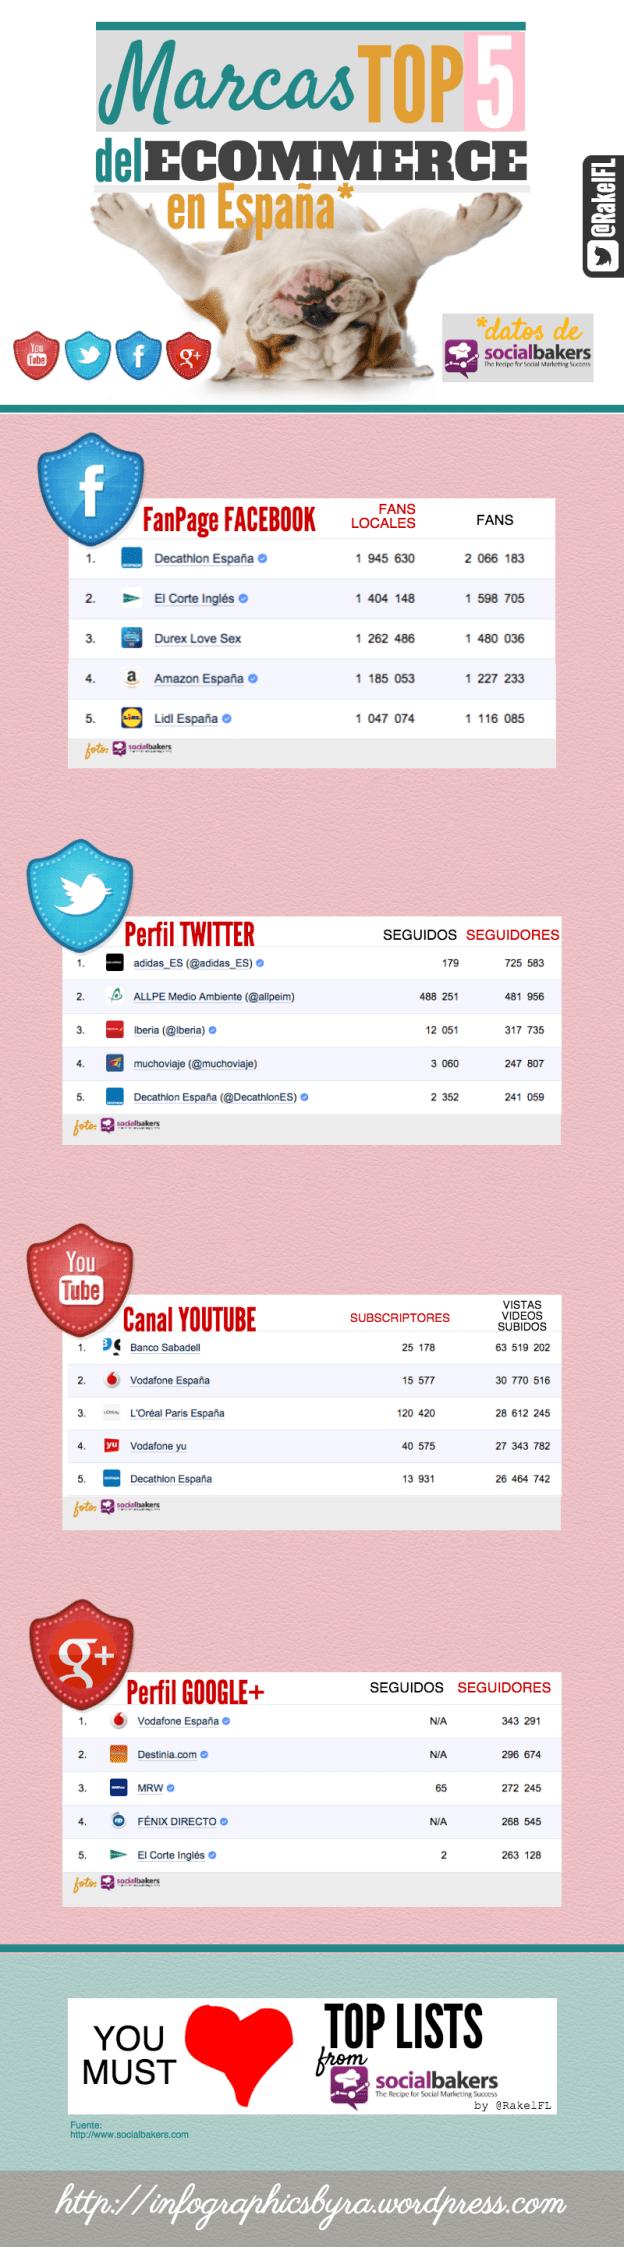 Top 5 Marcas en Redes Sociales del eCommerce en España